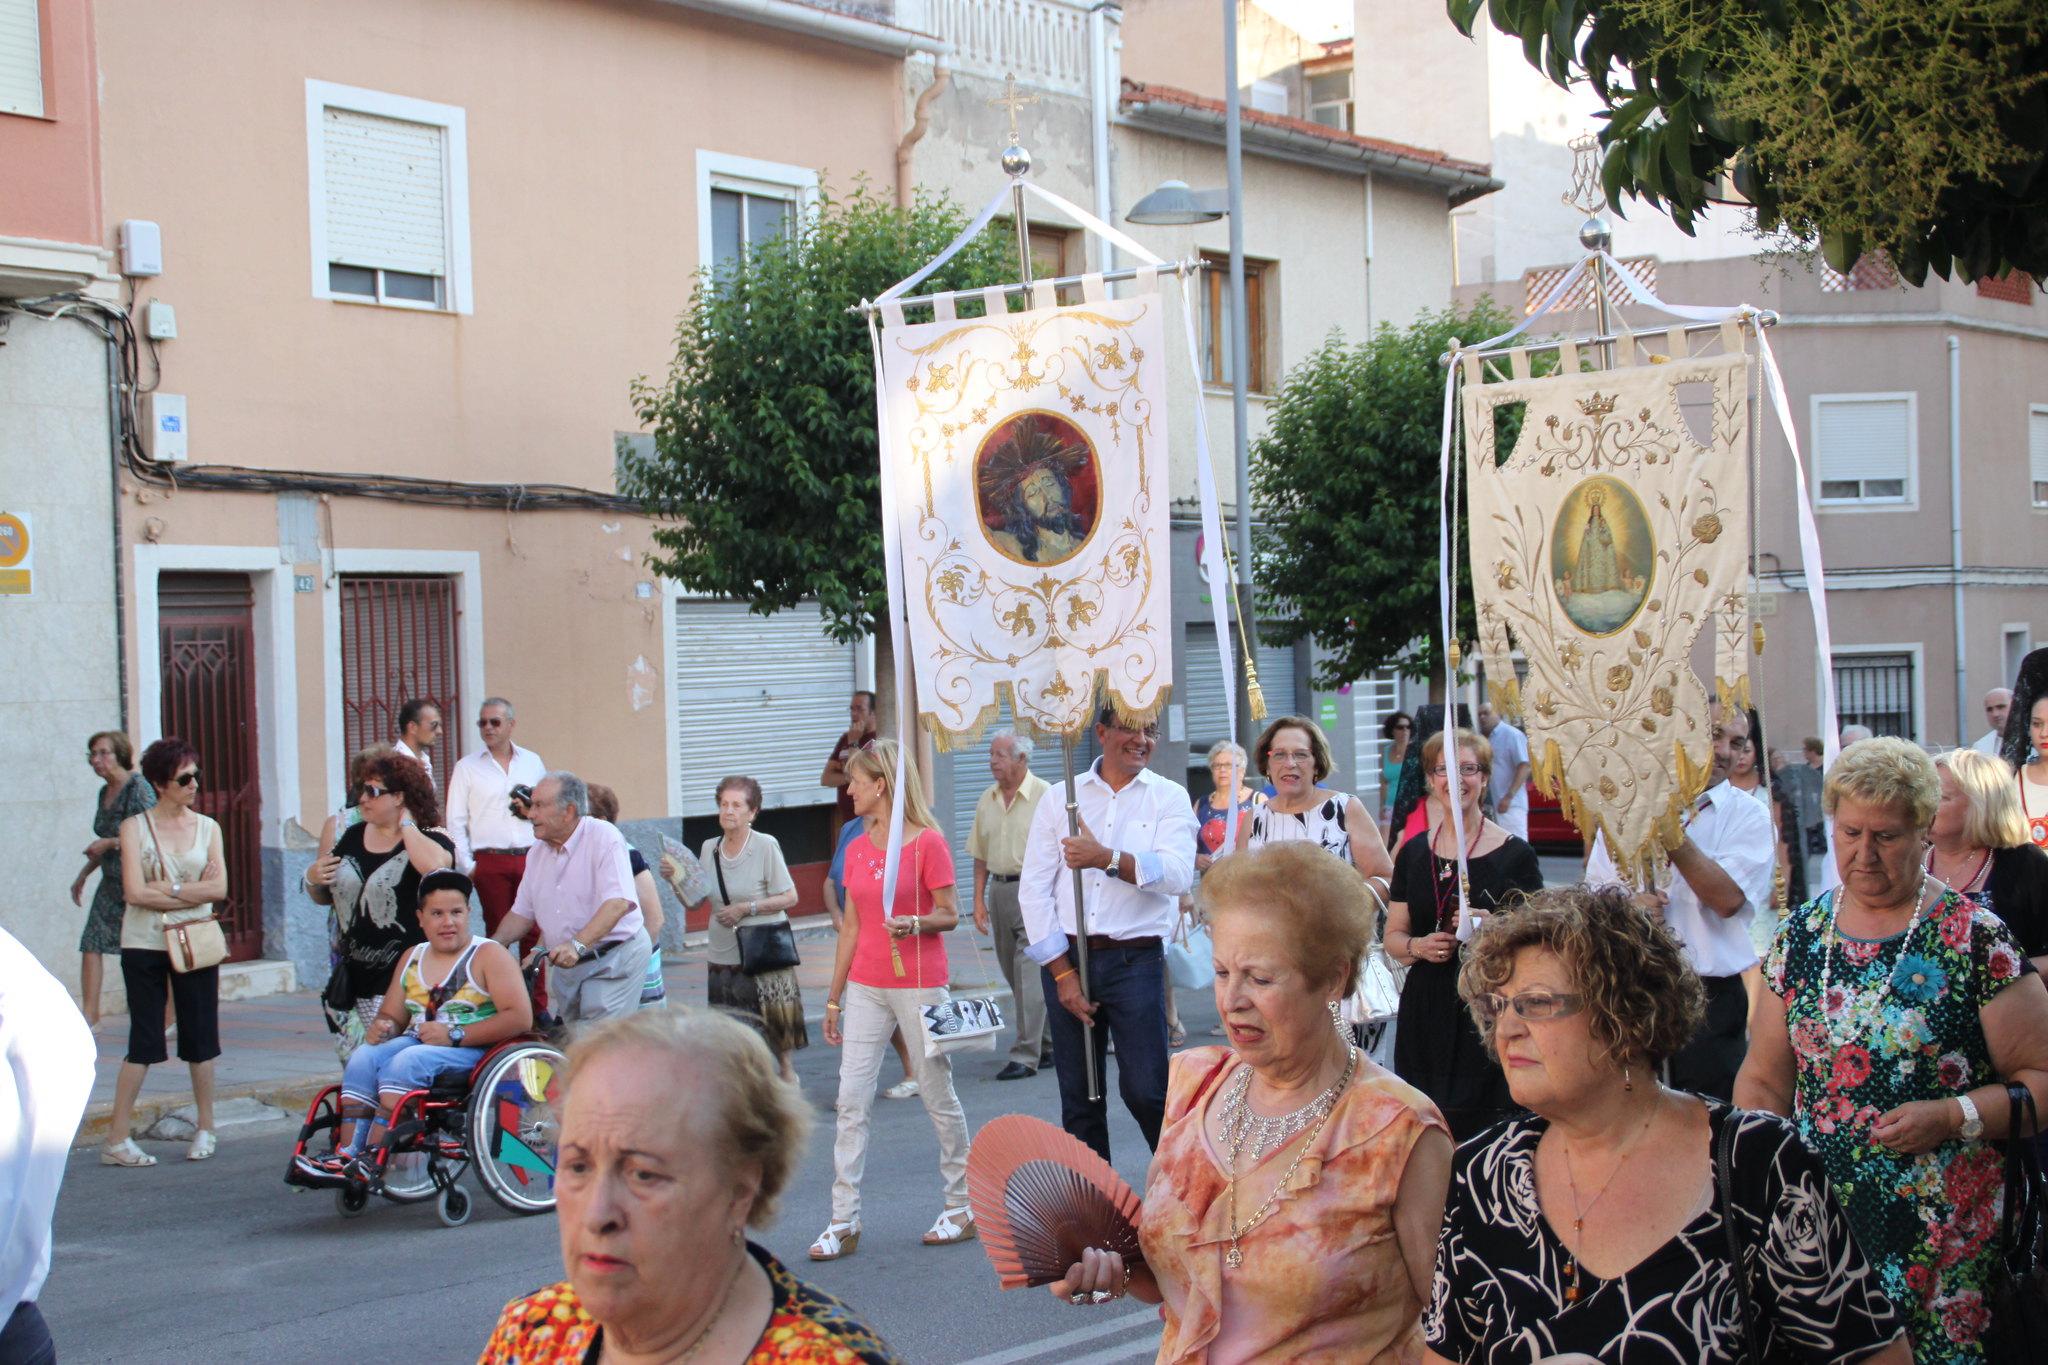 (2015-07-12) - Virgen del Carmen, parroquia La Santa Cruz - Javier Romero Ripoll (18)